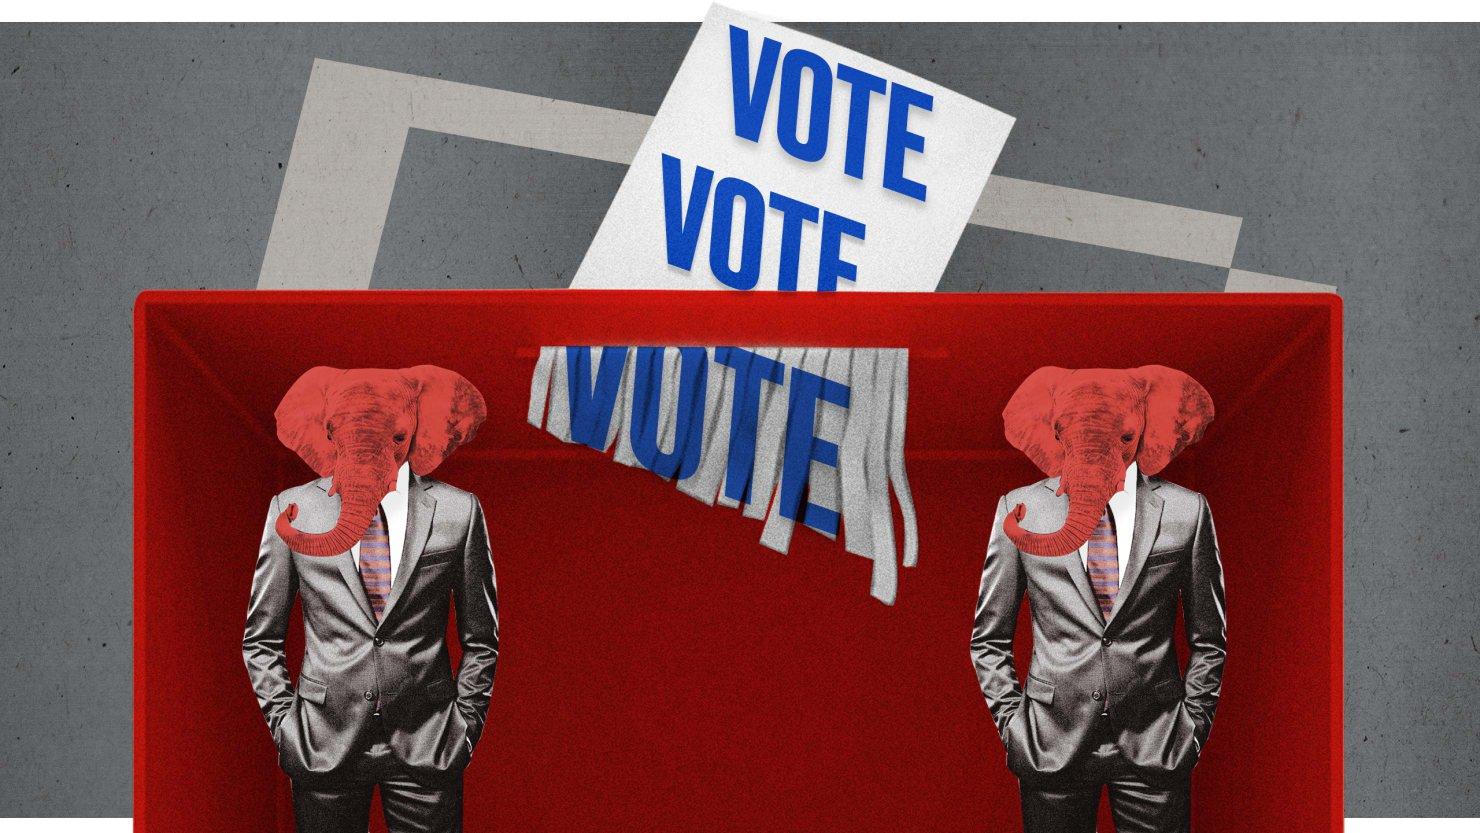 18101-Michaelson-Vote-hero_iz8evg.jpg